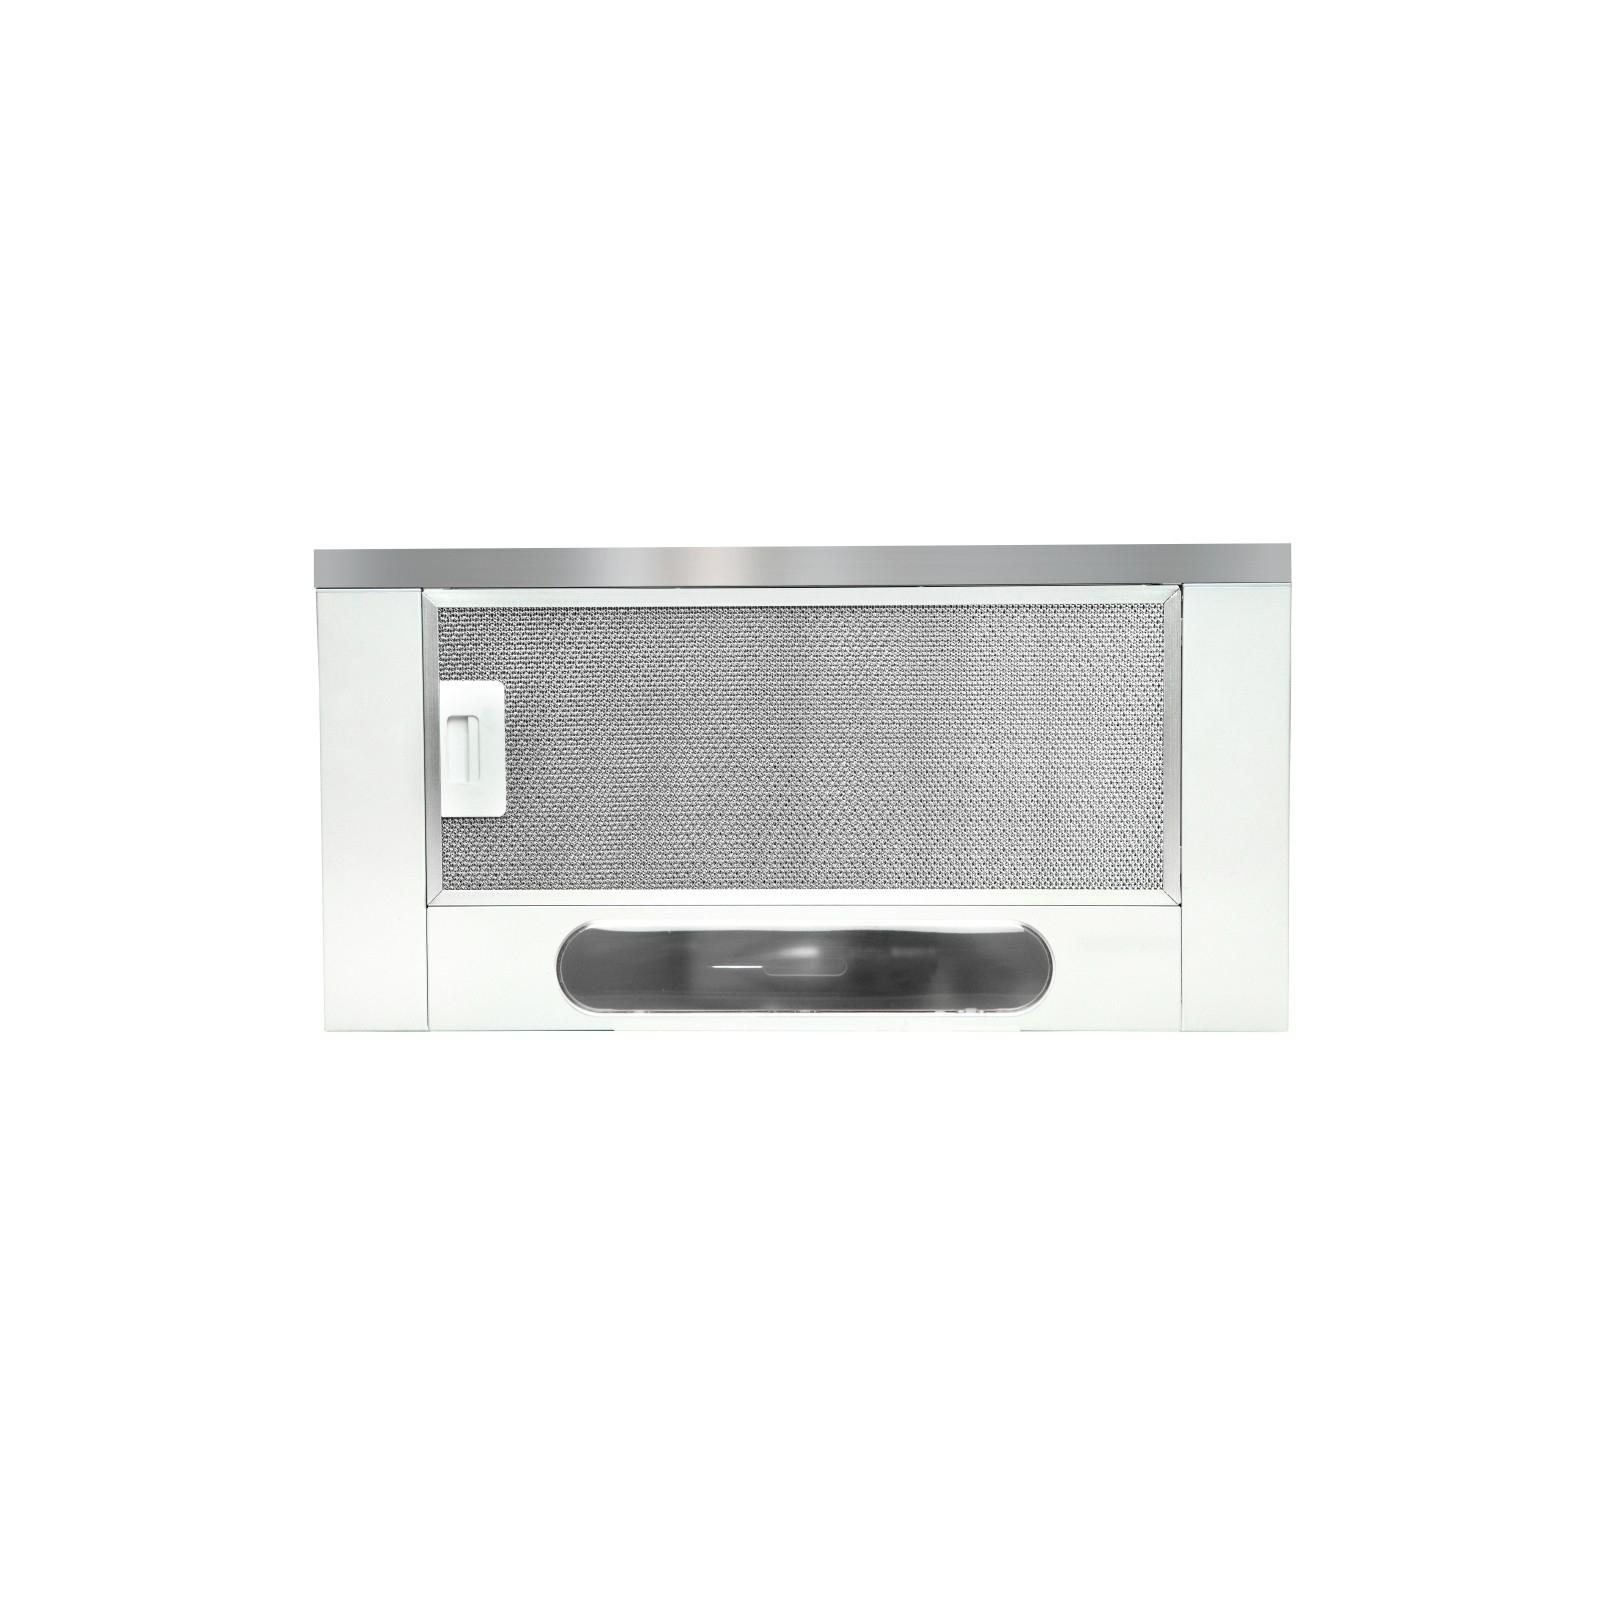 Вытяжка кухонная Eleyus Cyclon 700 50 IS+GR изображение 5